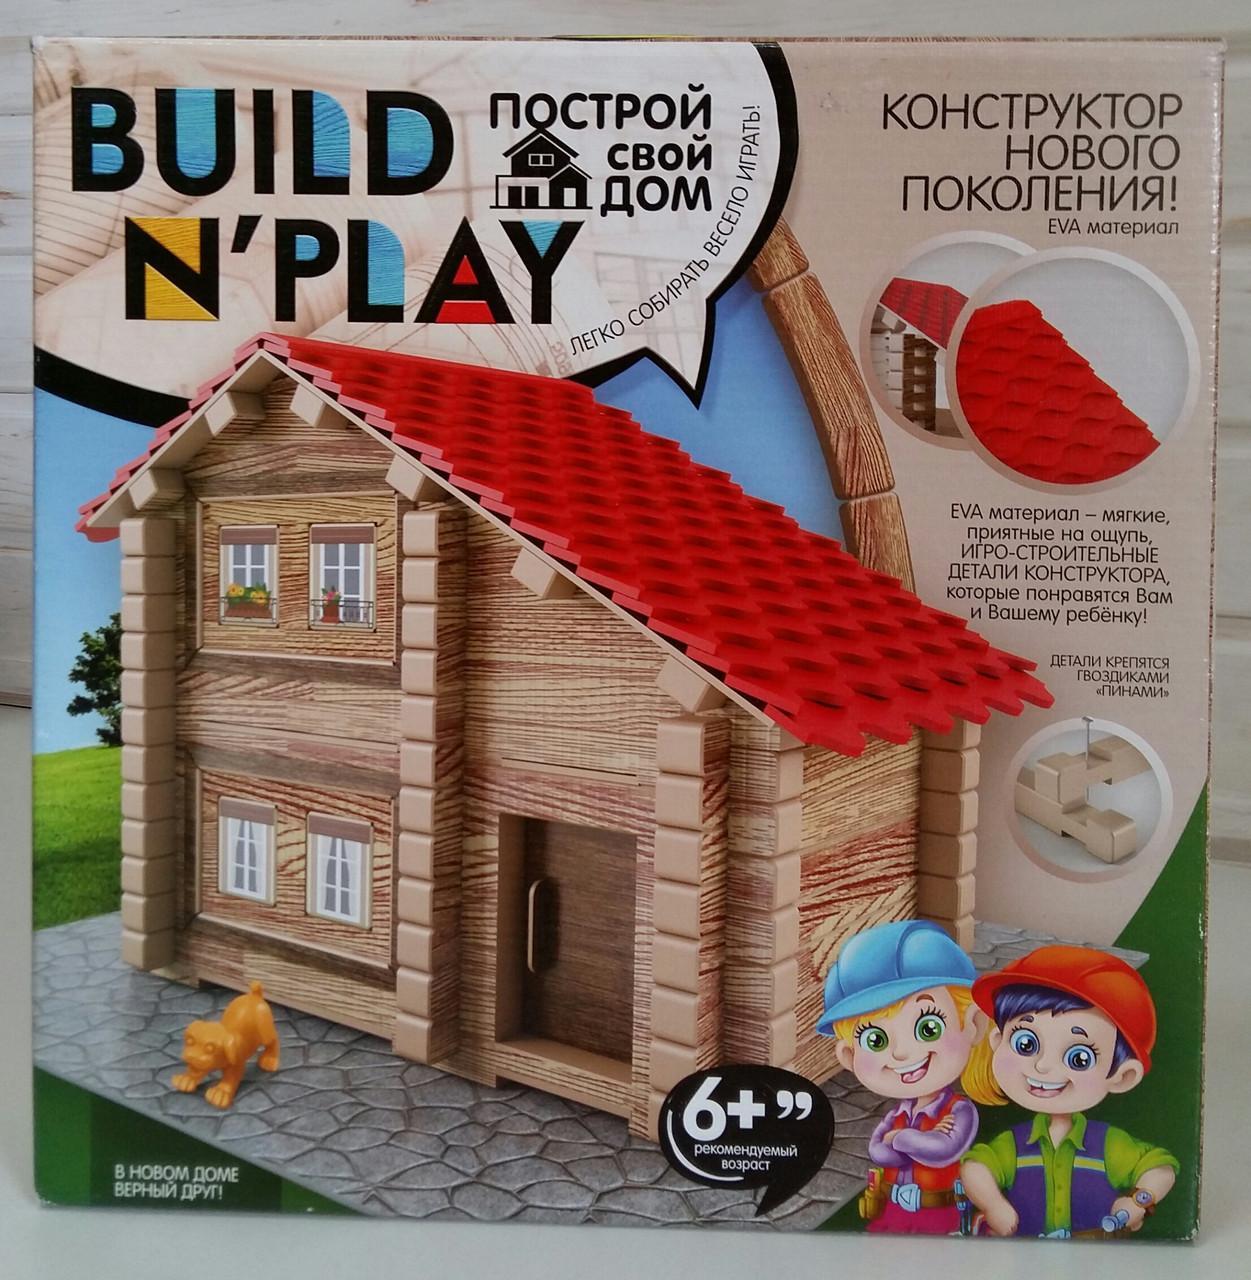 Конструктор нового поколения «BUILD N PLAY» Дом BNP-01-01